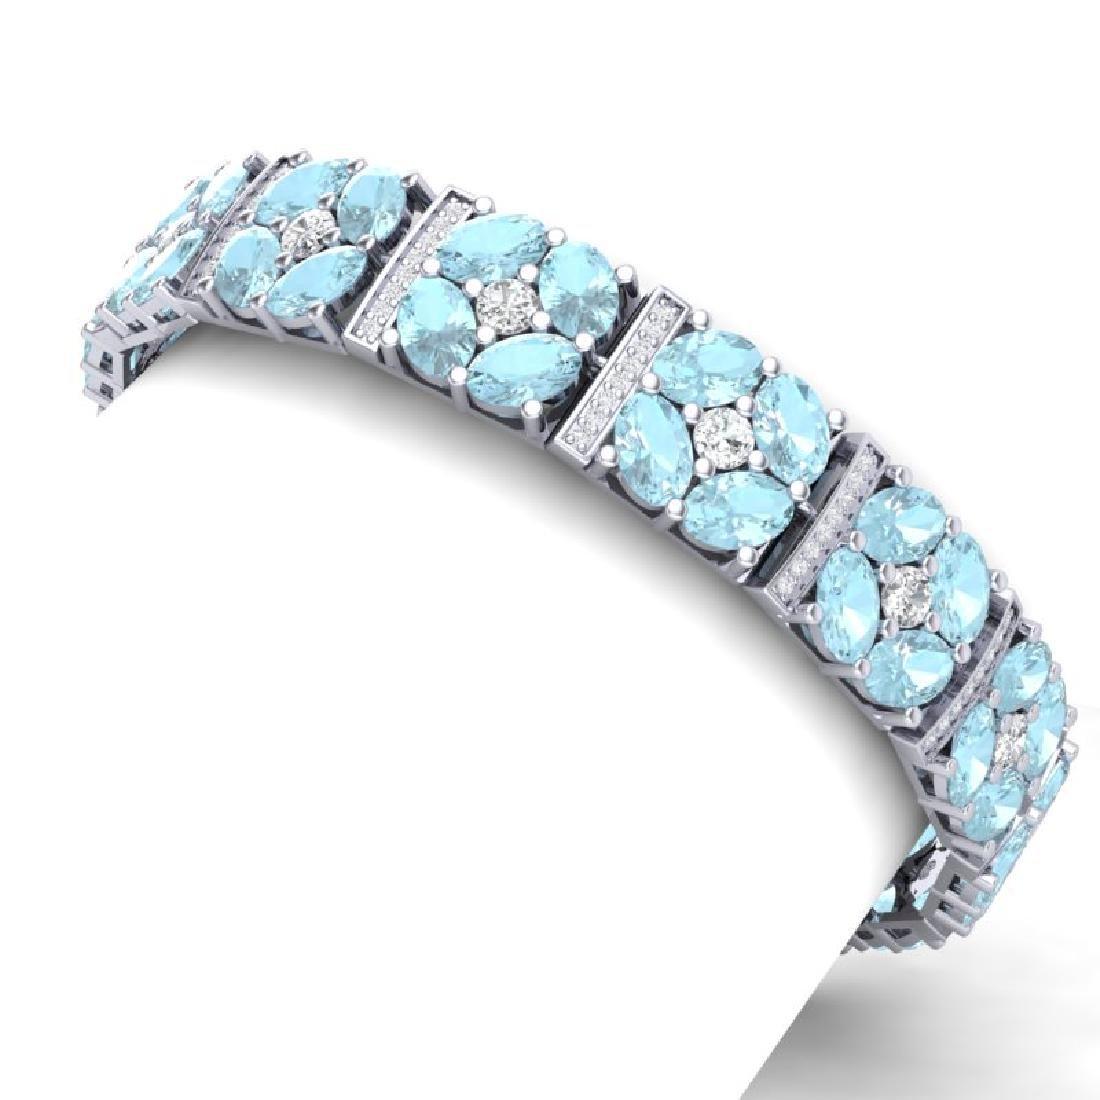 32.39 CTW Royalty Sky Topaz & VS Diamond Bracelet 18K - 2